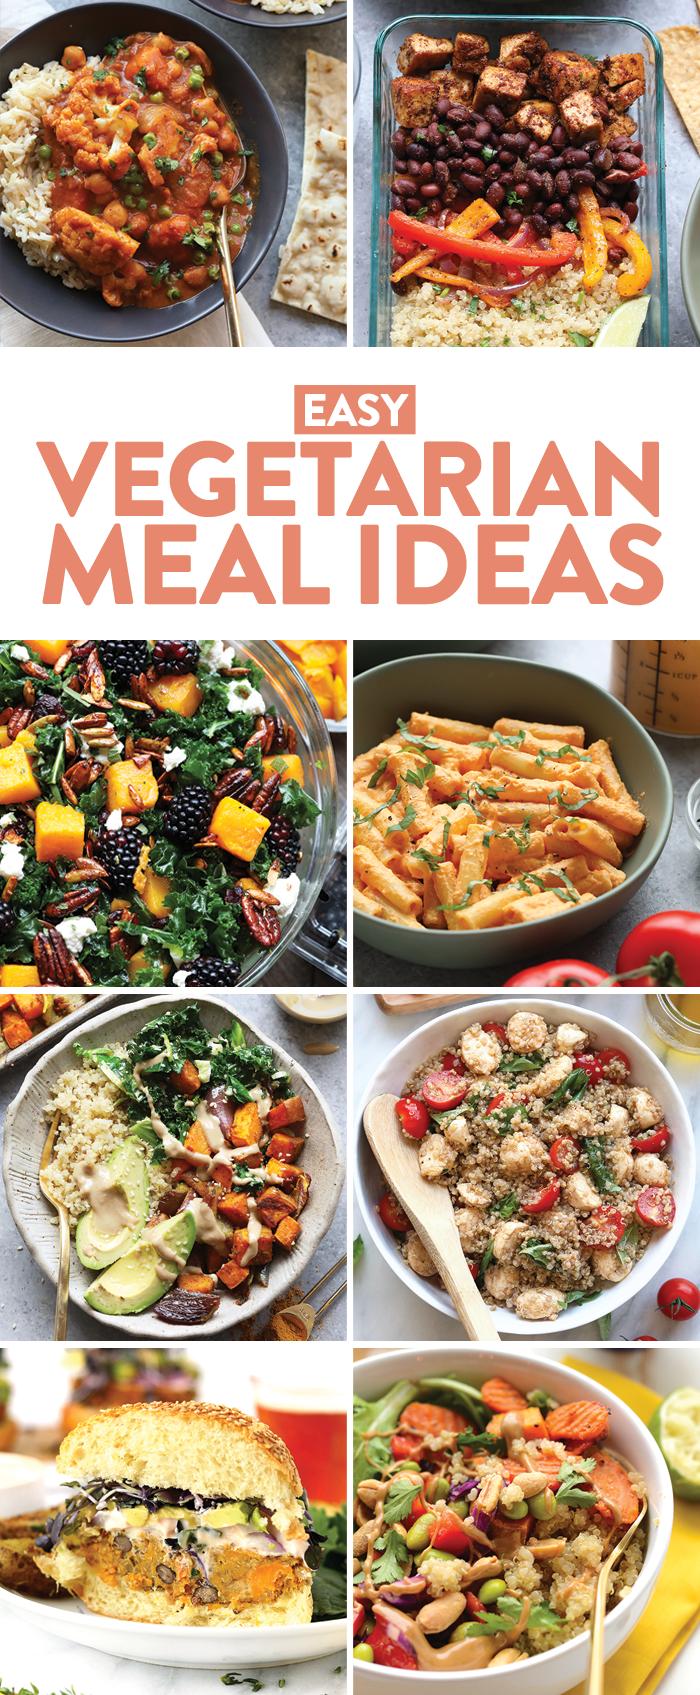 Easy vegetarian meal ideas